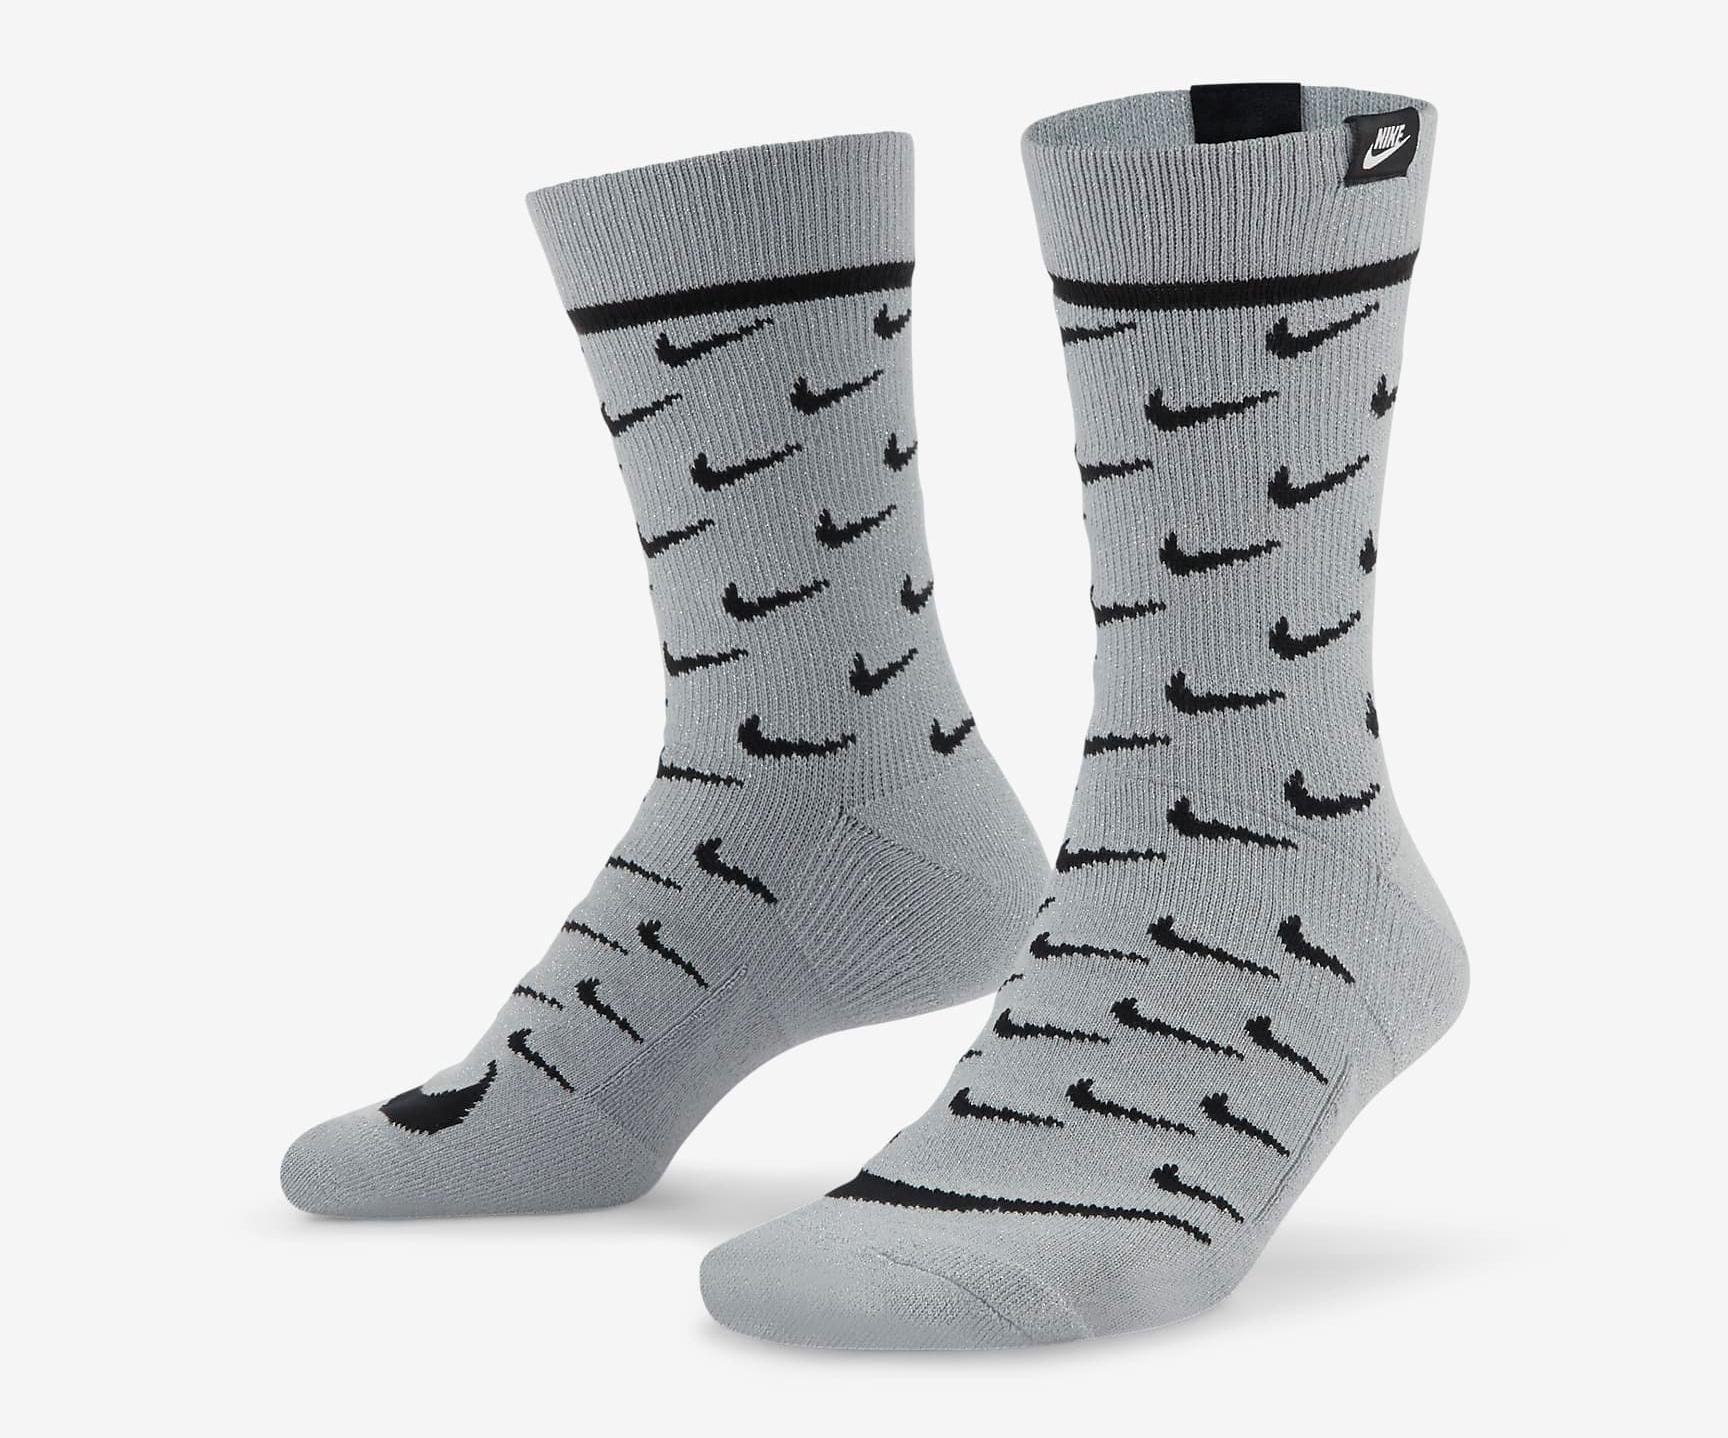 nike-snkr-sox-grey-black